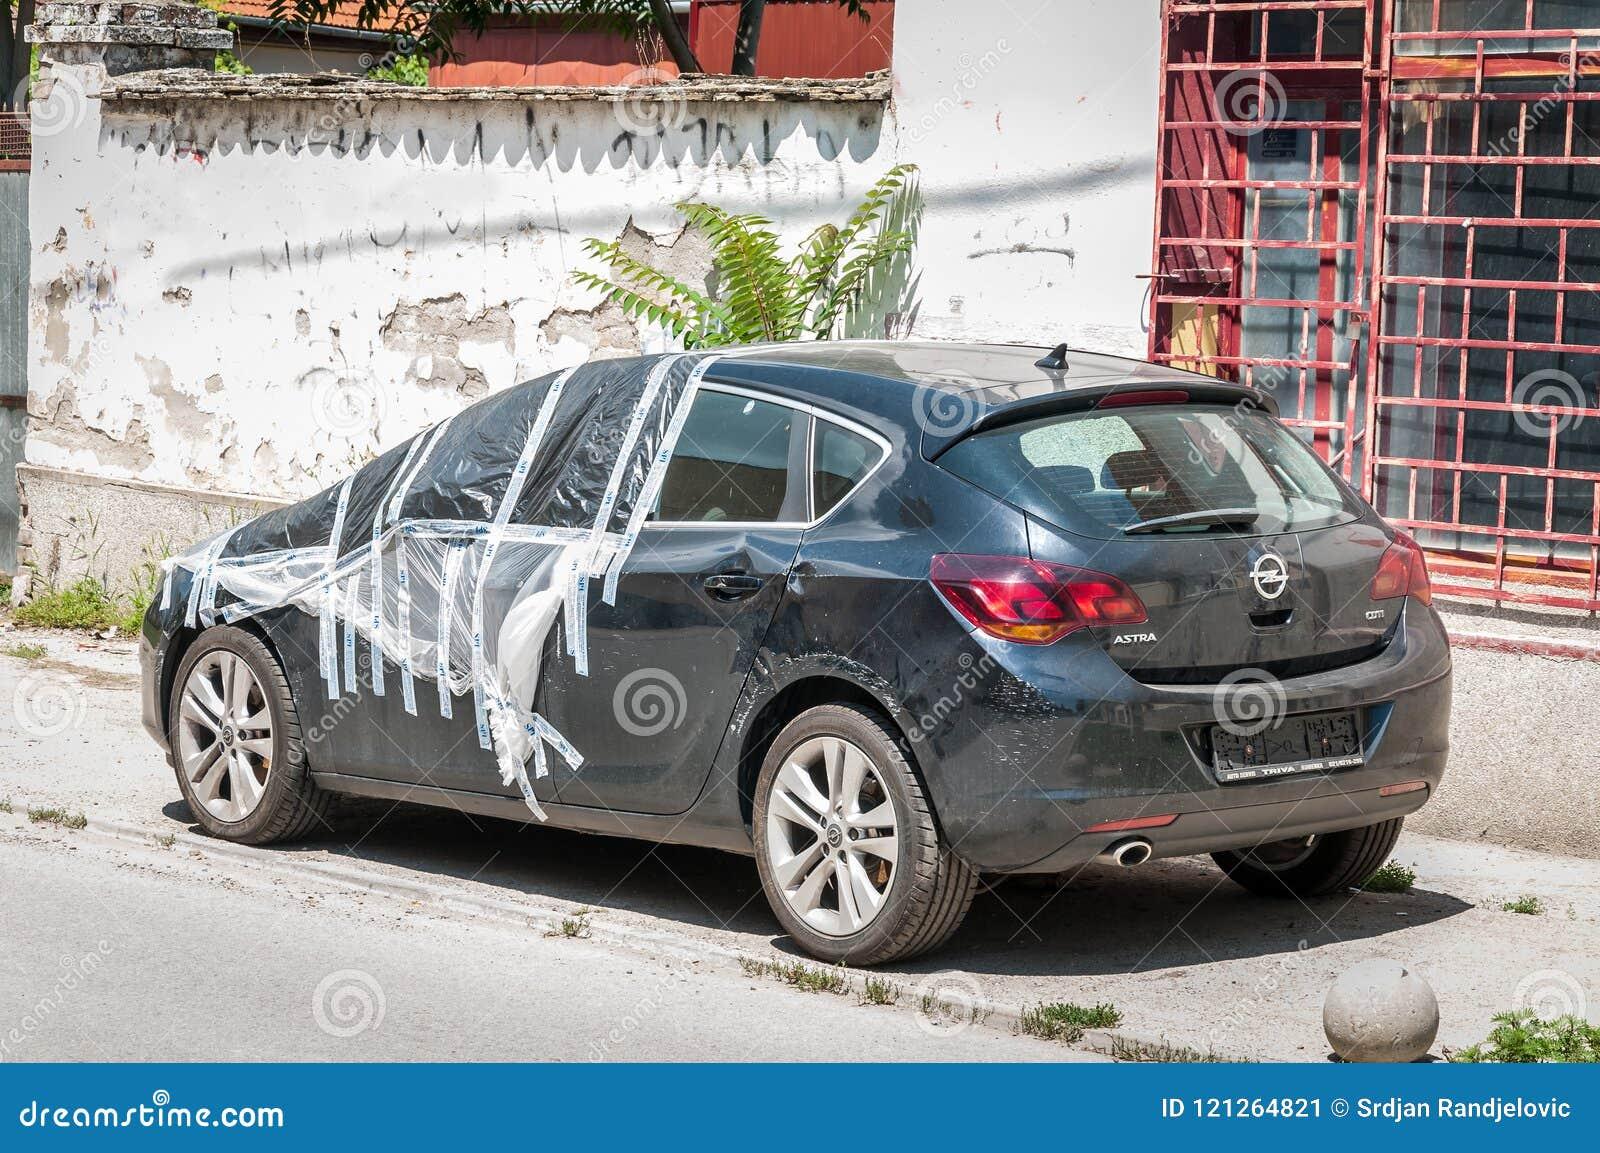 Carro Com Porta Traseira Preto Novo Danificado De Opel Astra J Estacionado Na Rua Coberta E Protegida Com Nylon Sobre O Para Bris Foto Editorial Imagem De Astra Opel 121264821